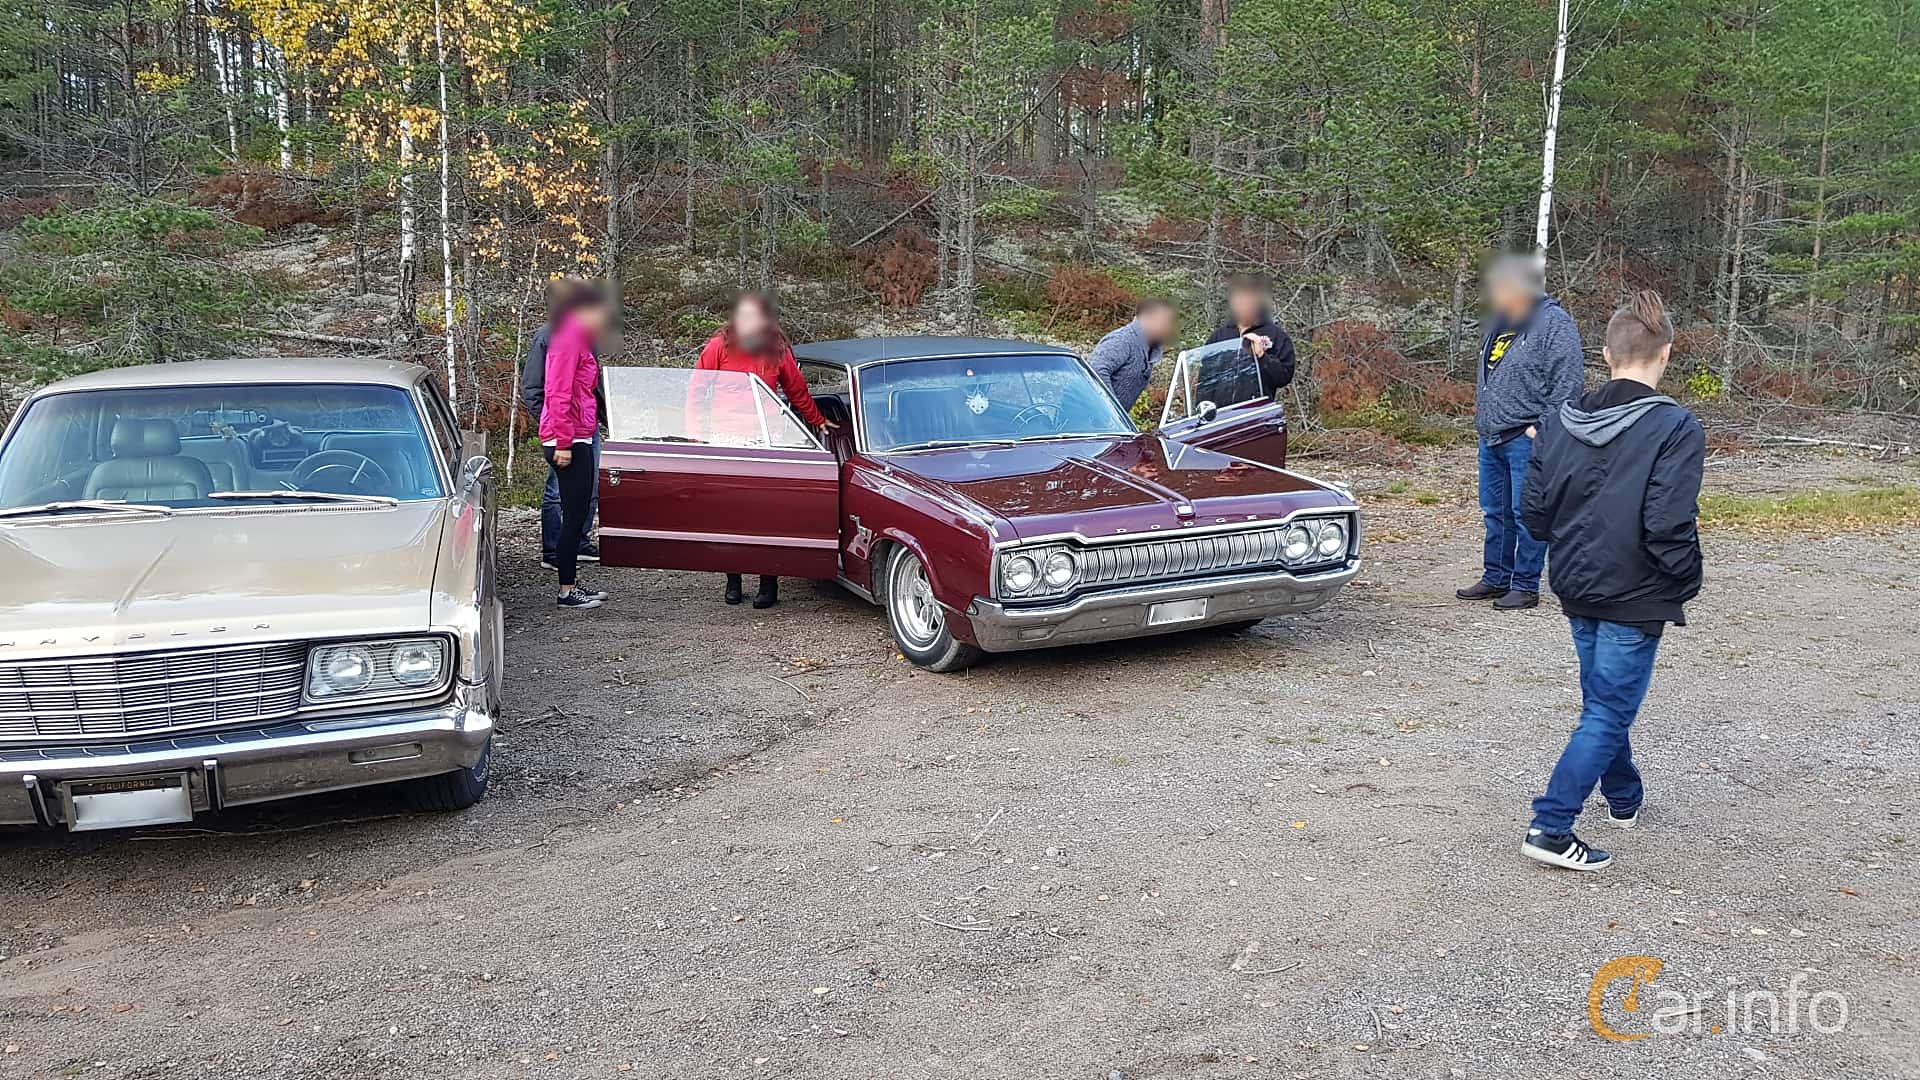 Dodge Monaco 2-door Hardtop 6.8 V8 TorqueFlite, 345hp, 1965